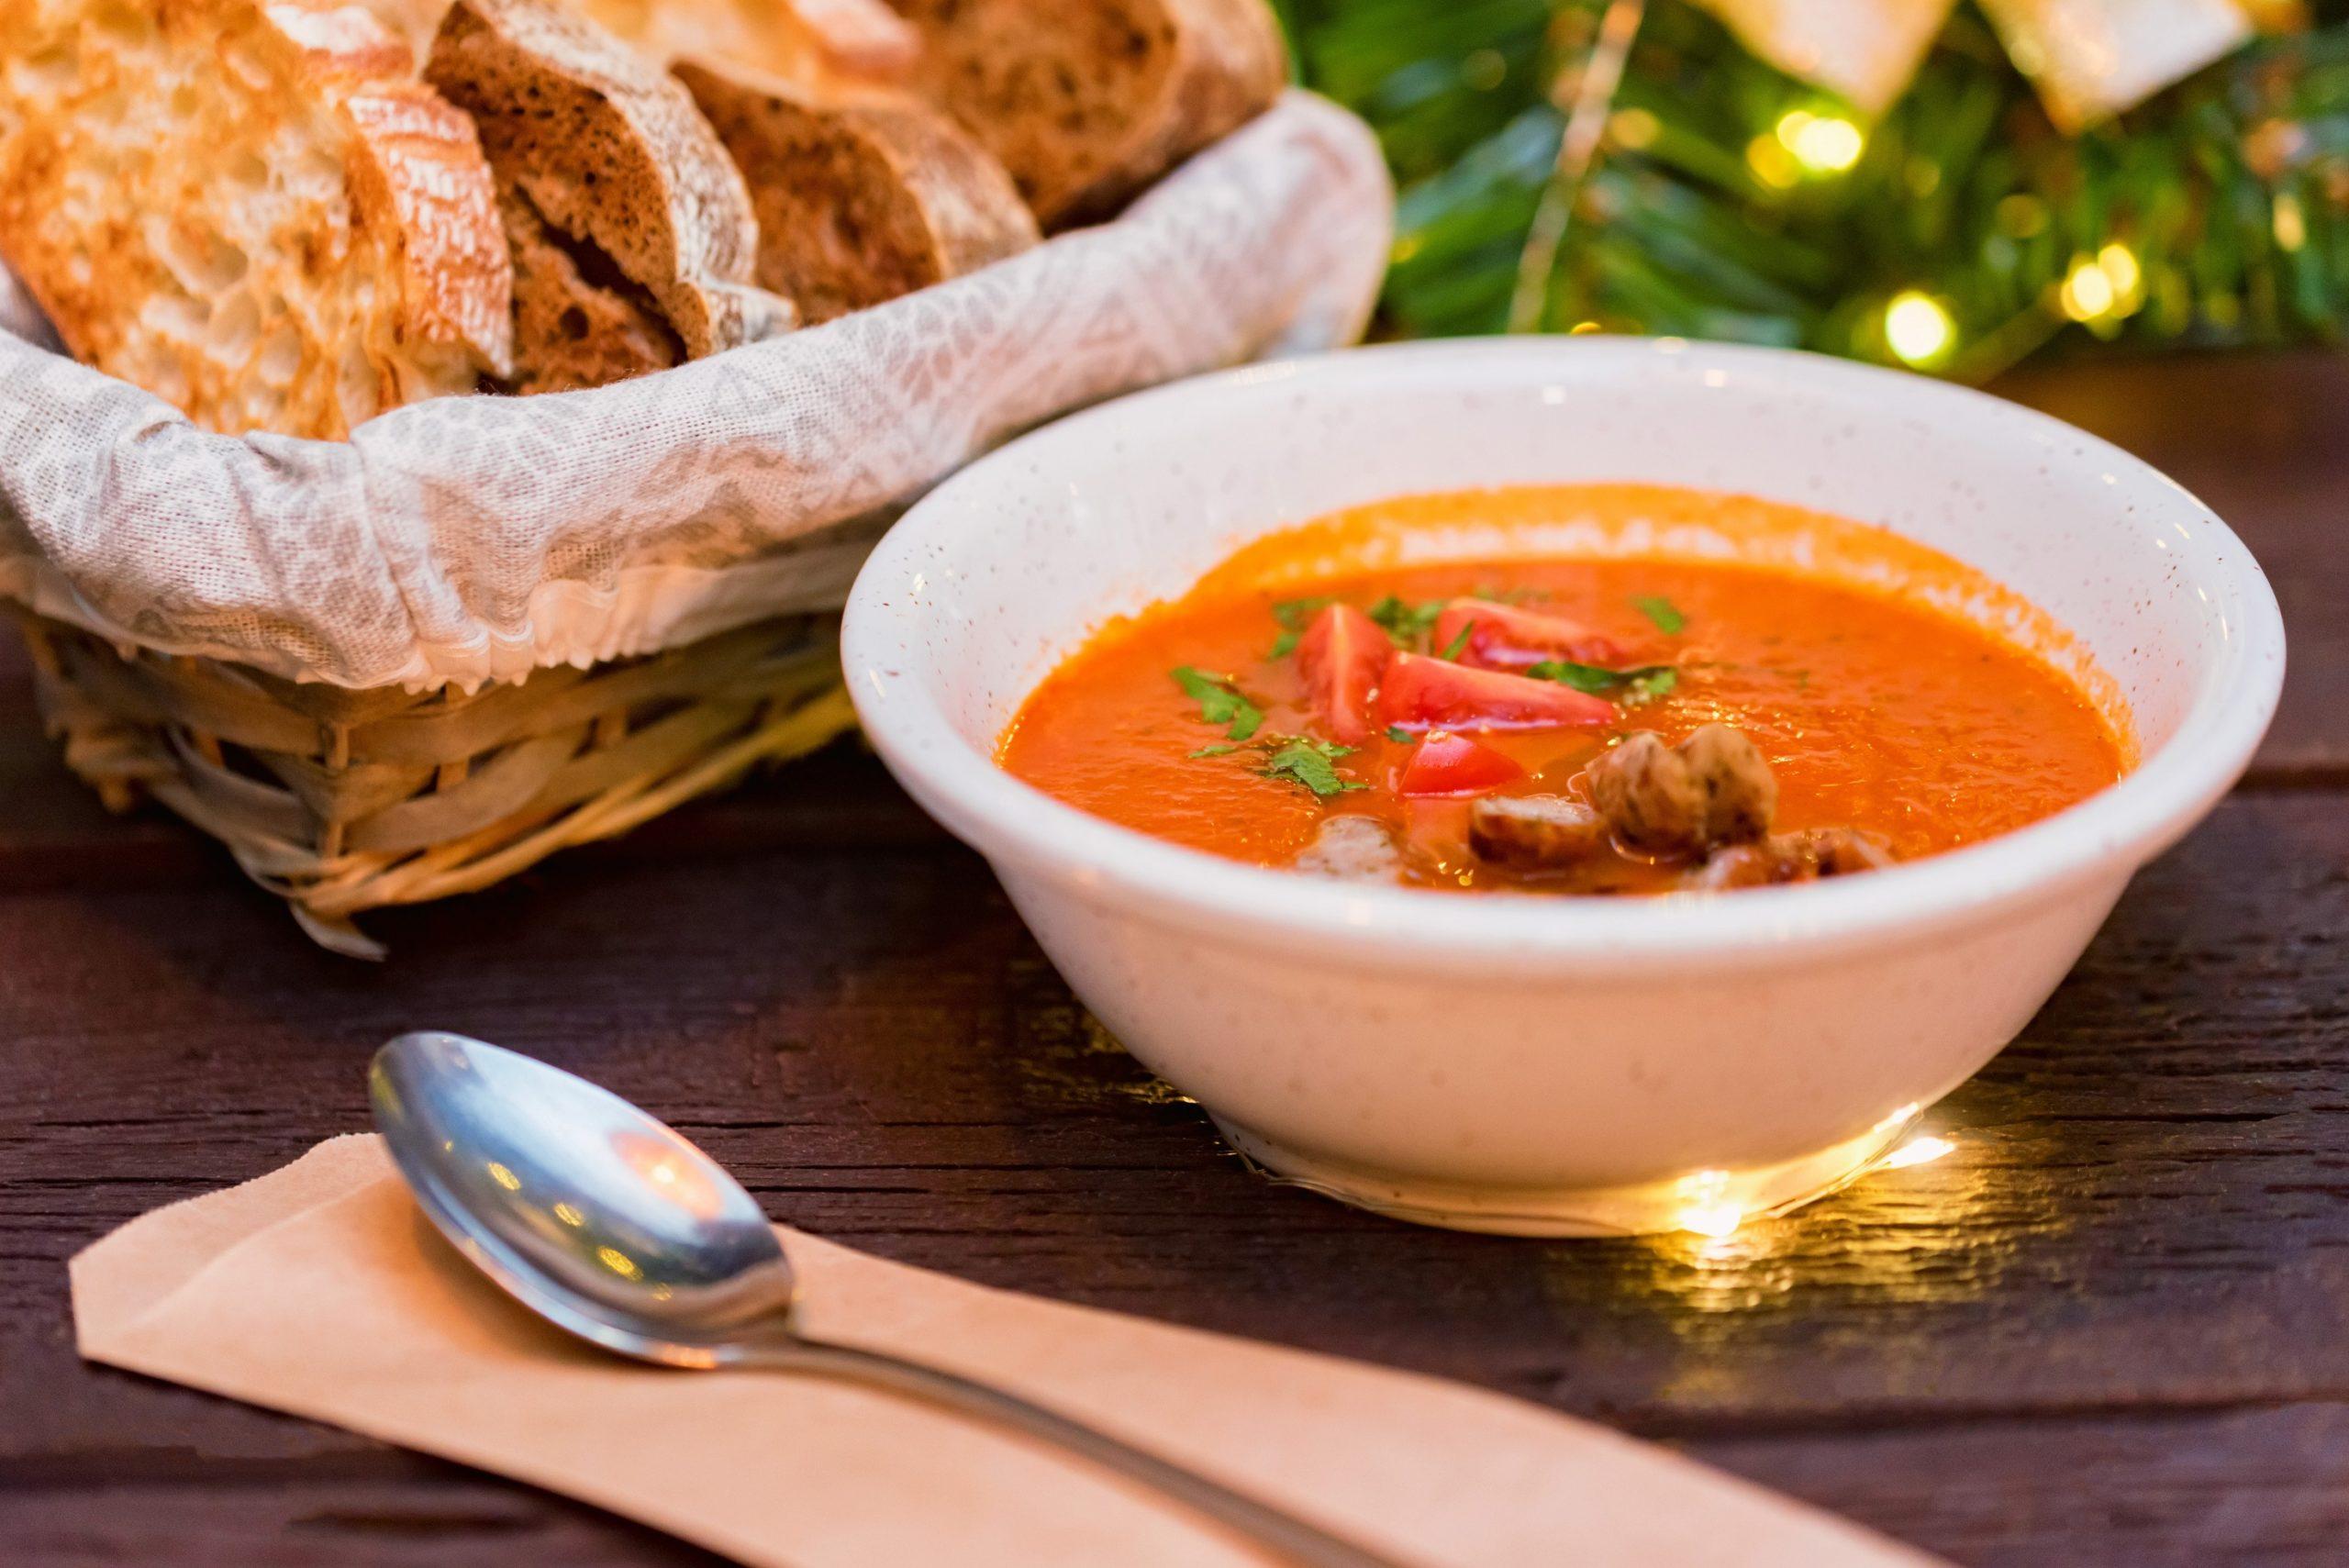 [LOKAAL] Participe Amstelland biedt gratis kopjes soep tijdens de feestdagen